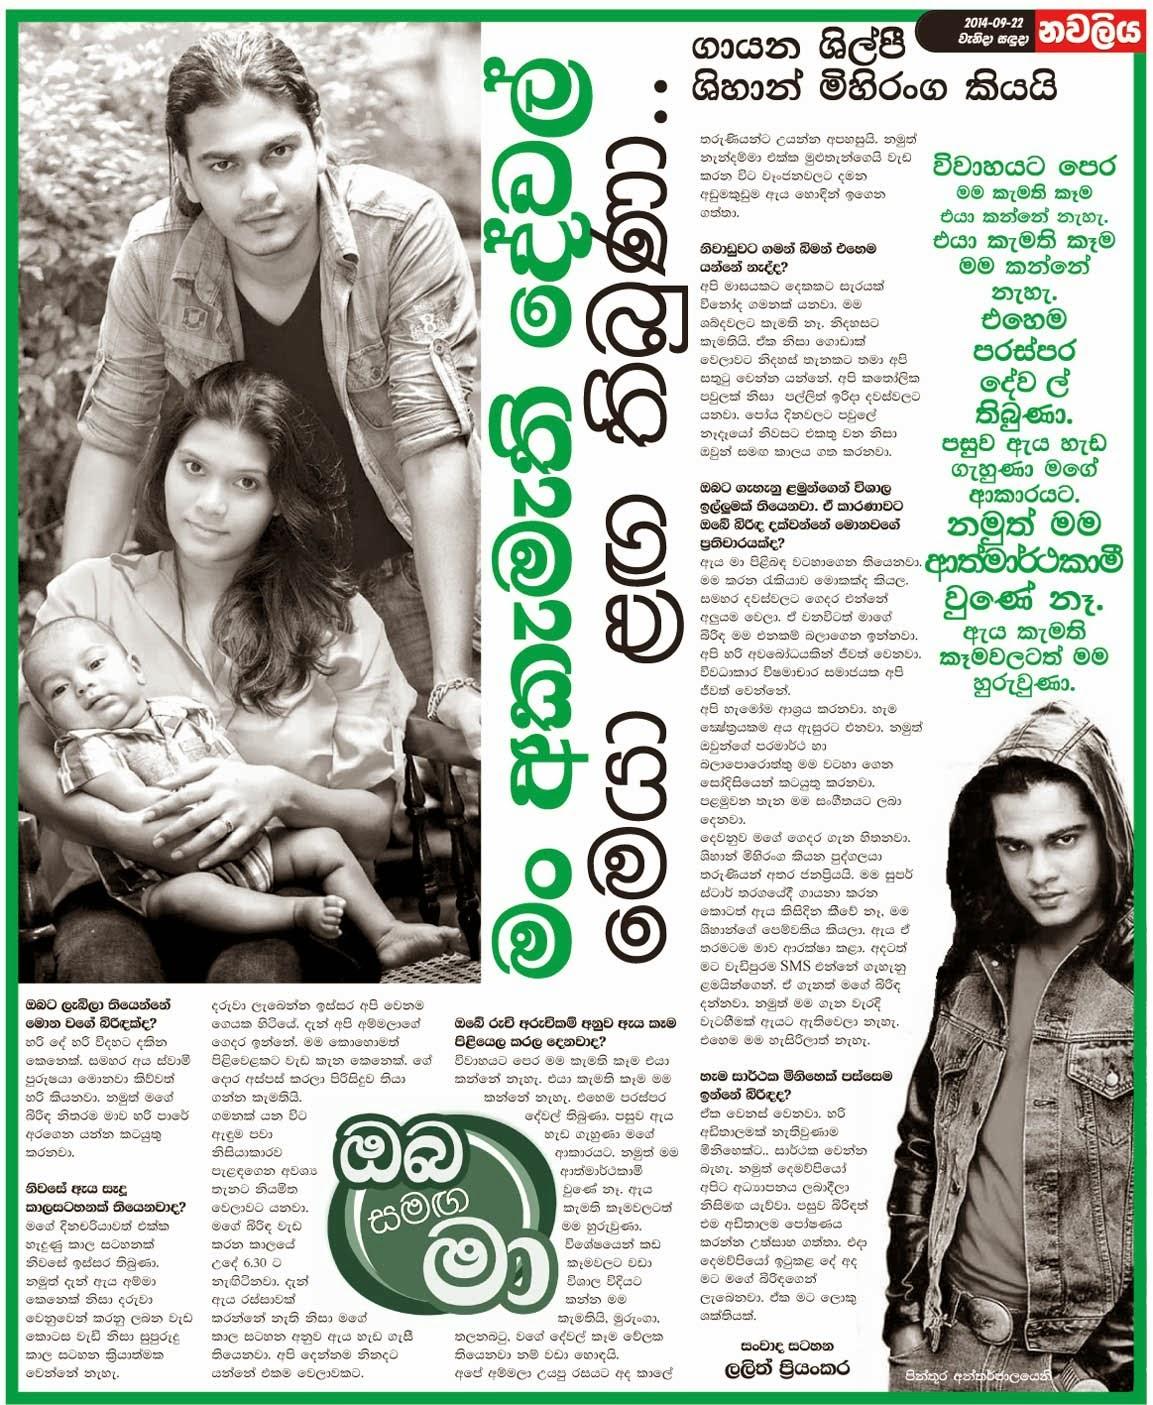 මං අකමැති දේවල් .. Shihan Mihiranga | Sri Lanka Newspaper Articles